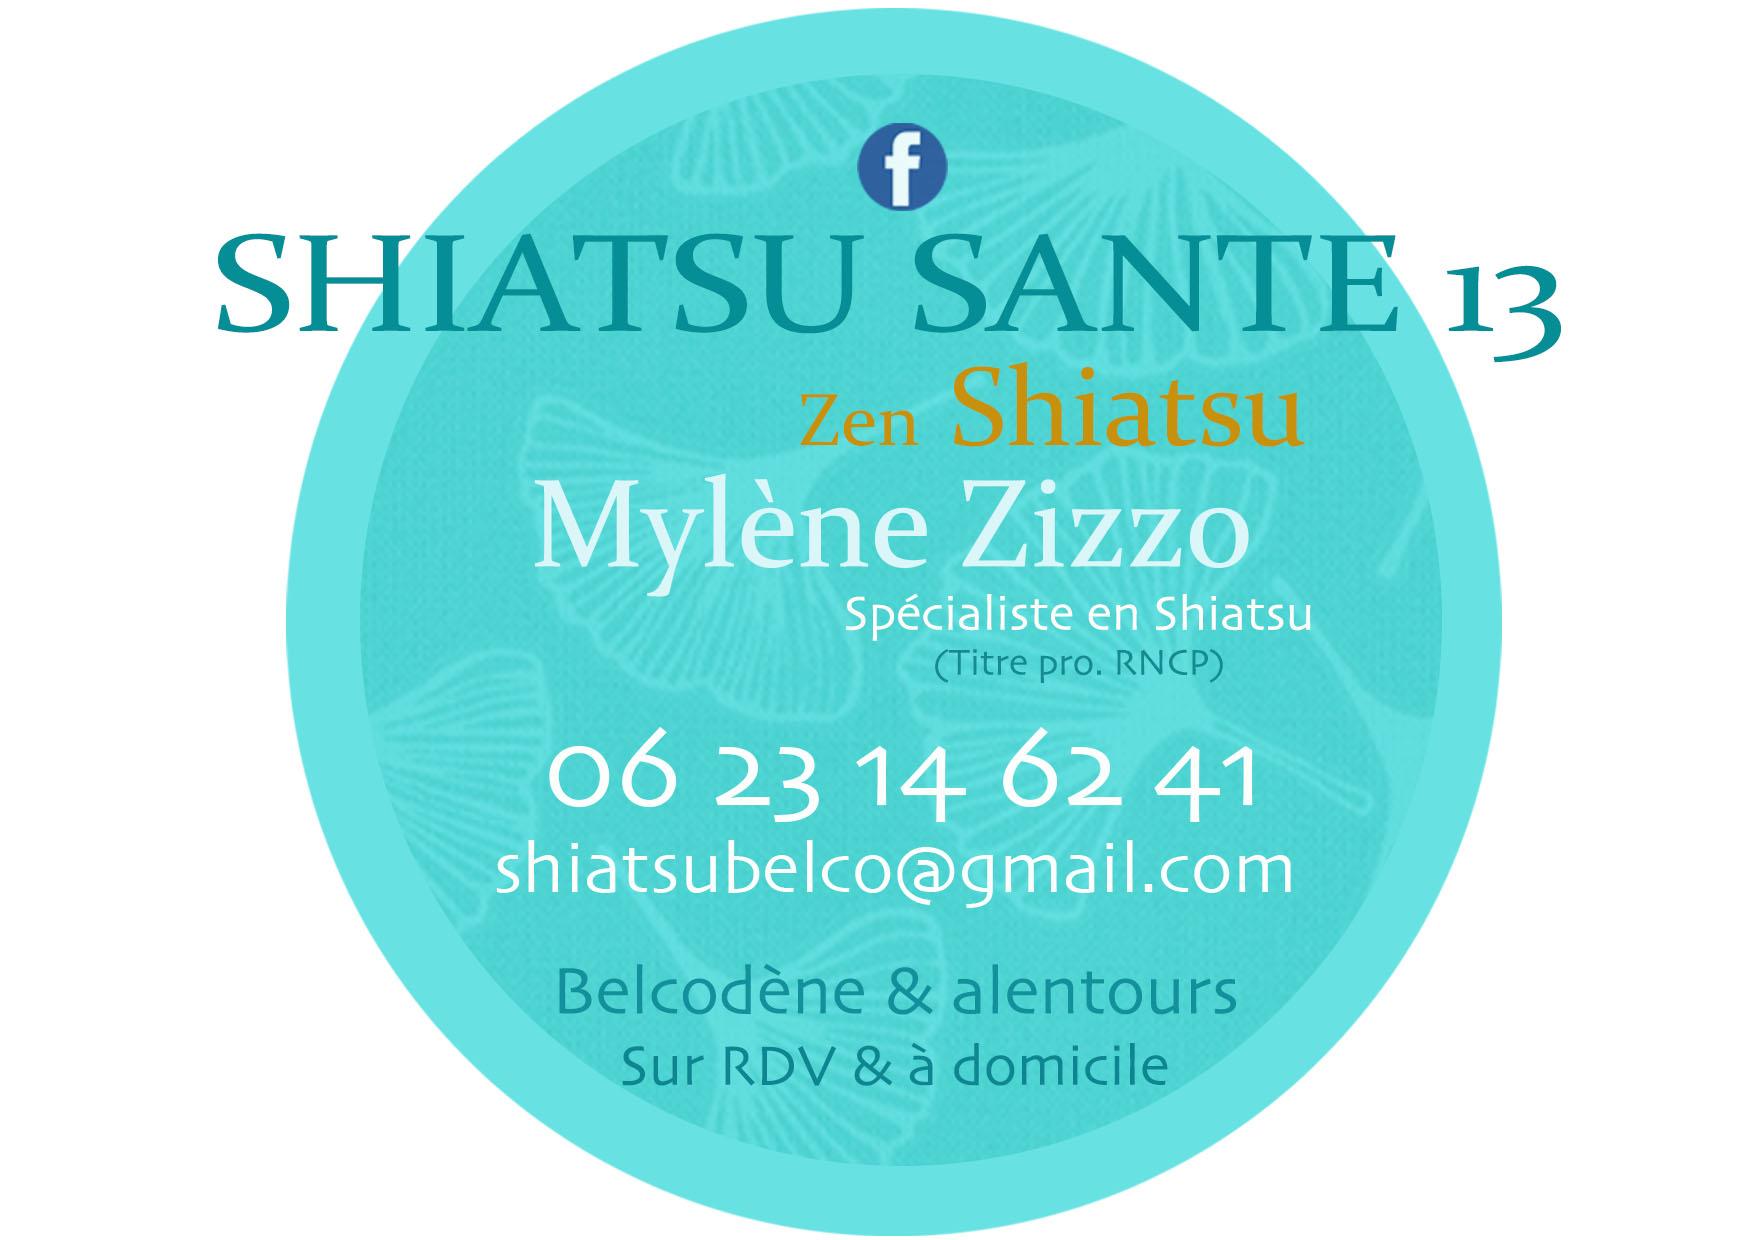 Shiatsu Santé 13 13